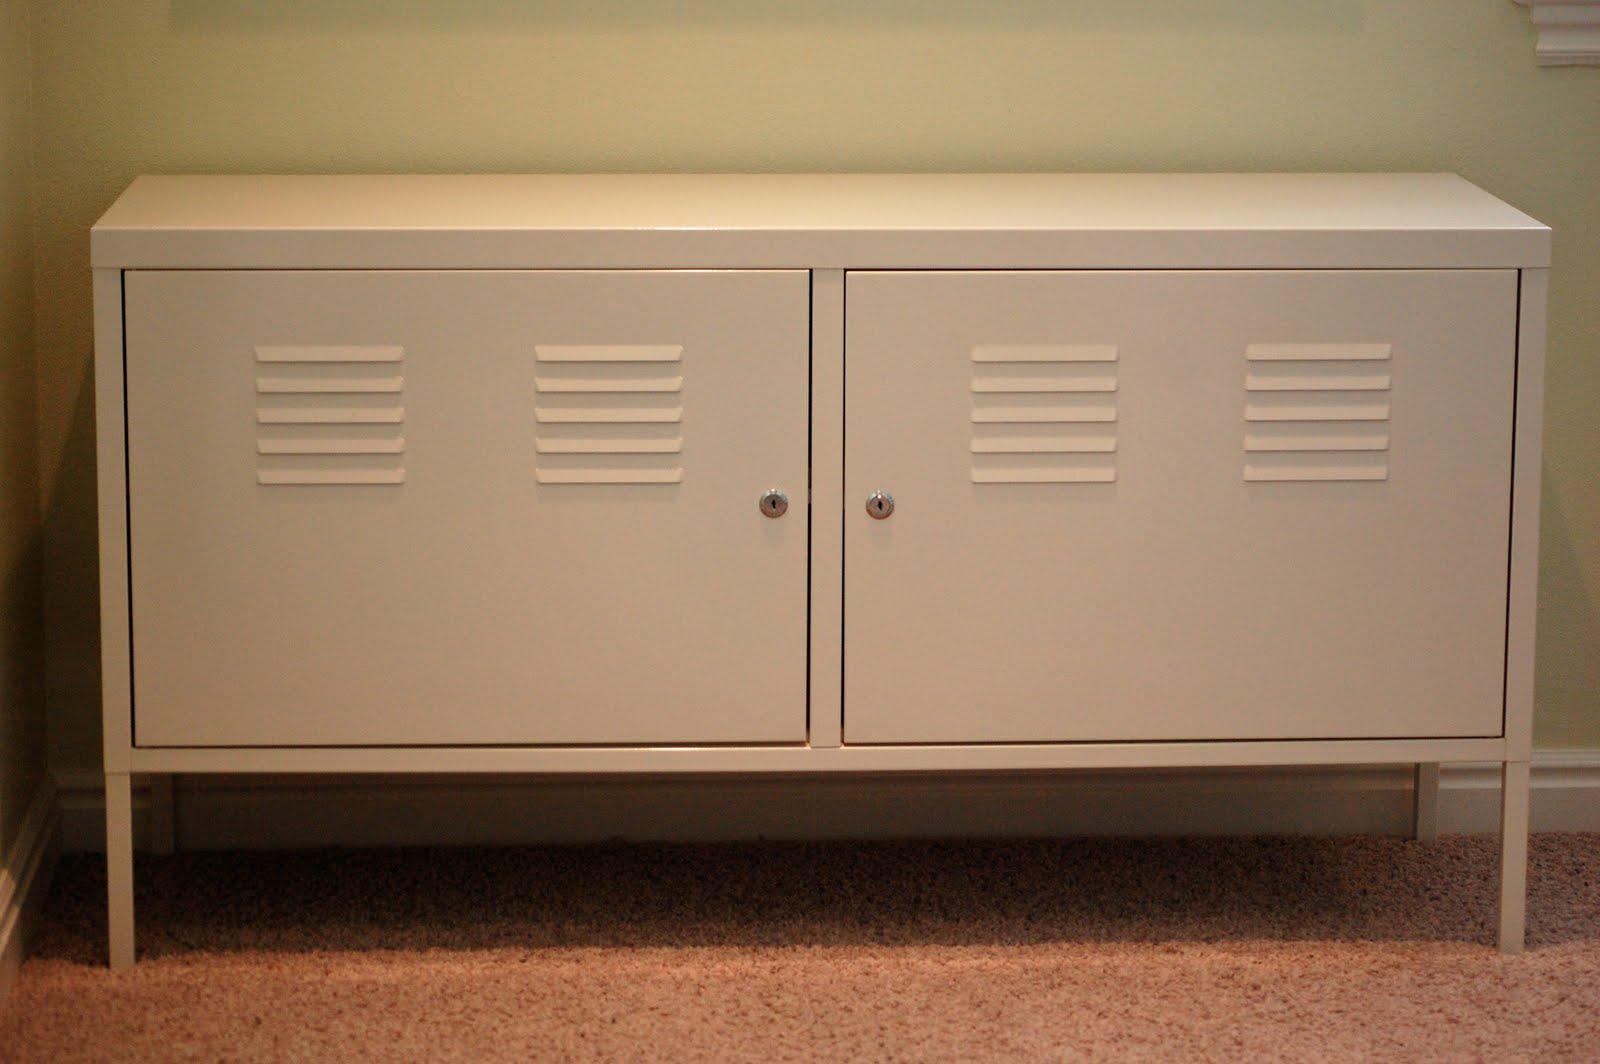 ikea office cabinet. Modren Ikea IKEA Office Cabinet And Drawer Unit In Ikea T